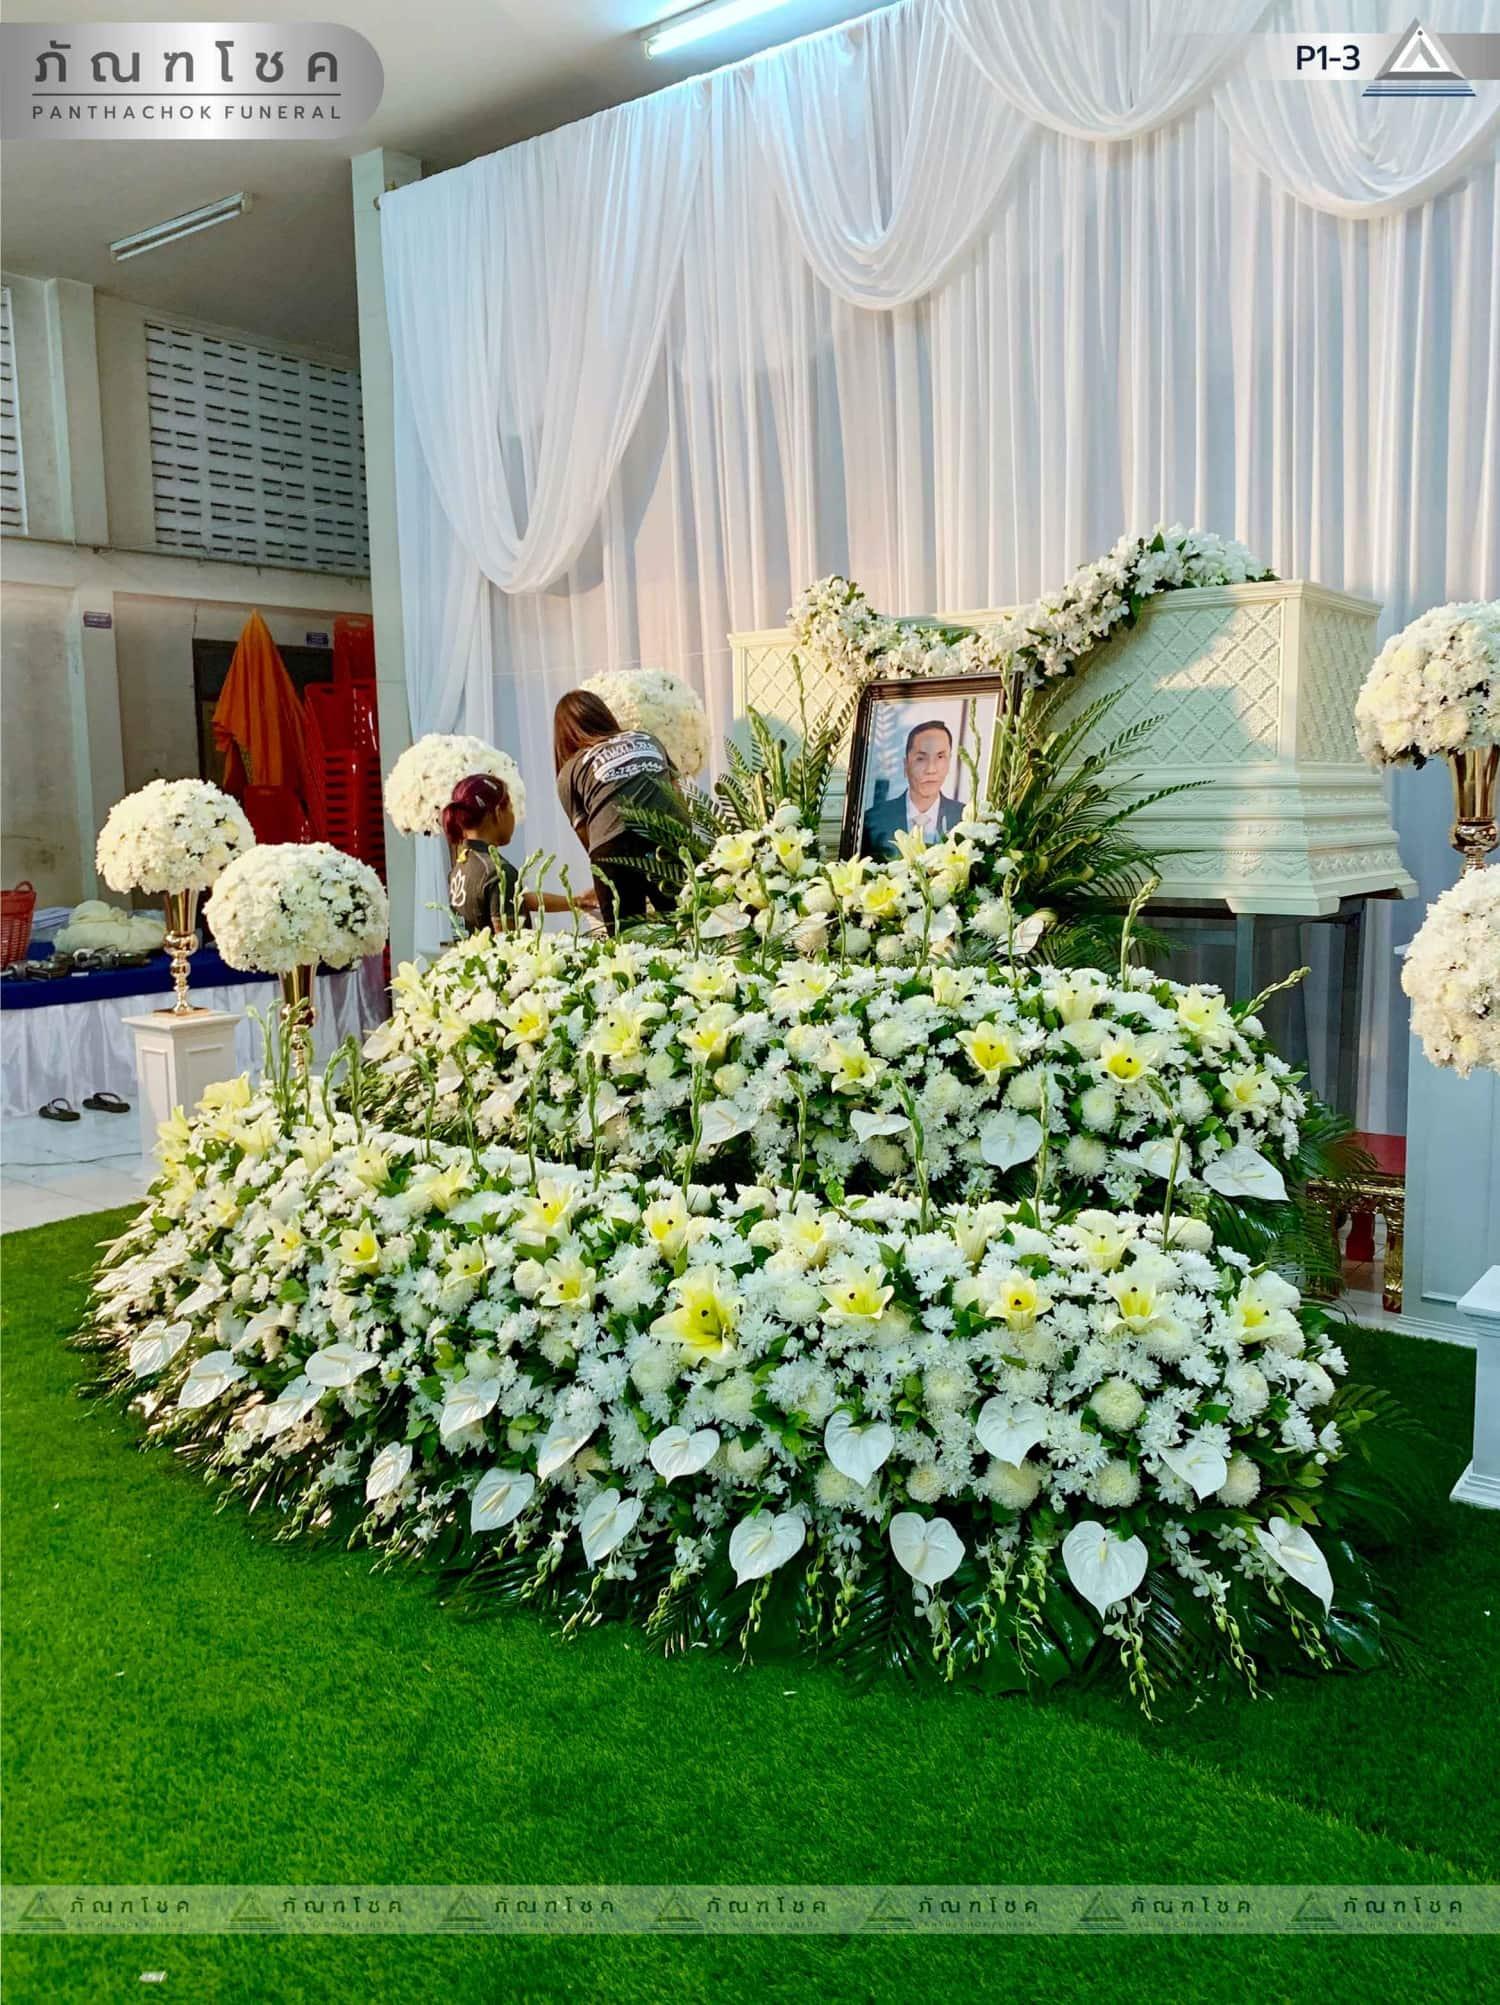 ดอกไม้หน้าศพ ชุด P1-3 35